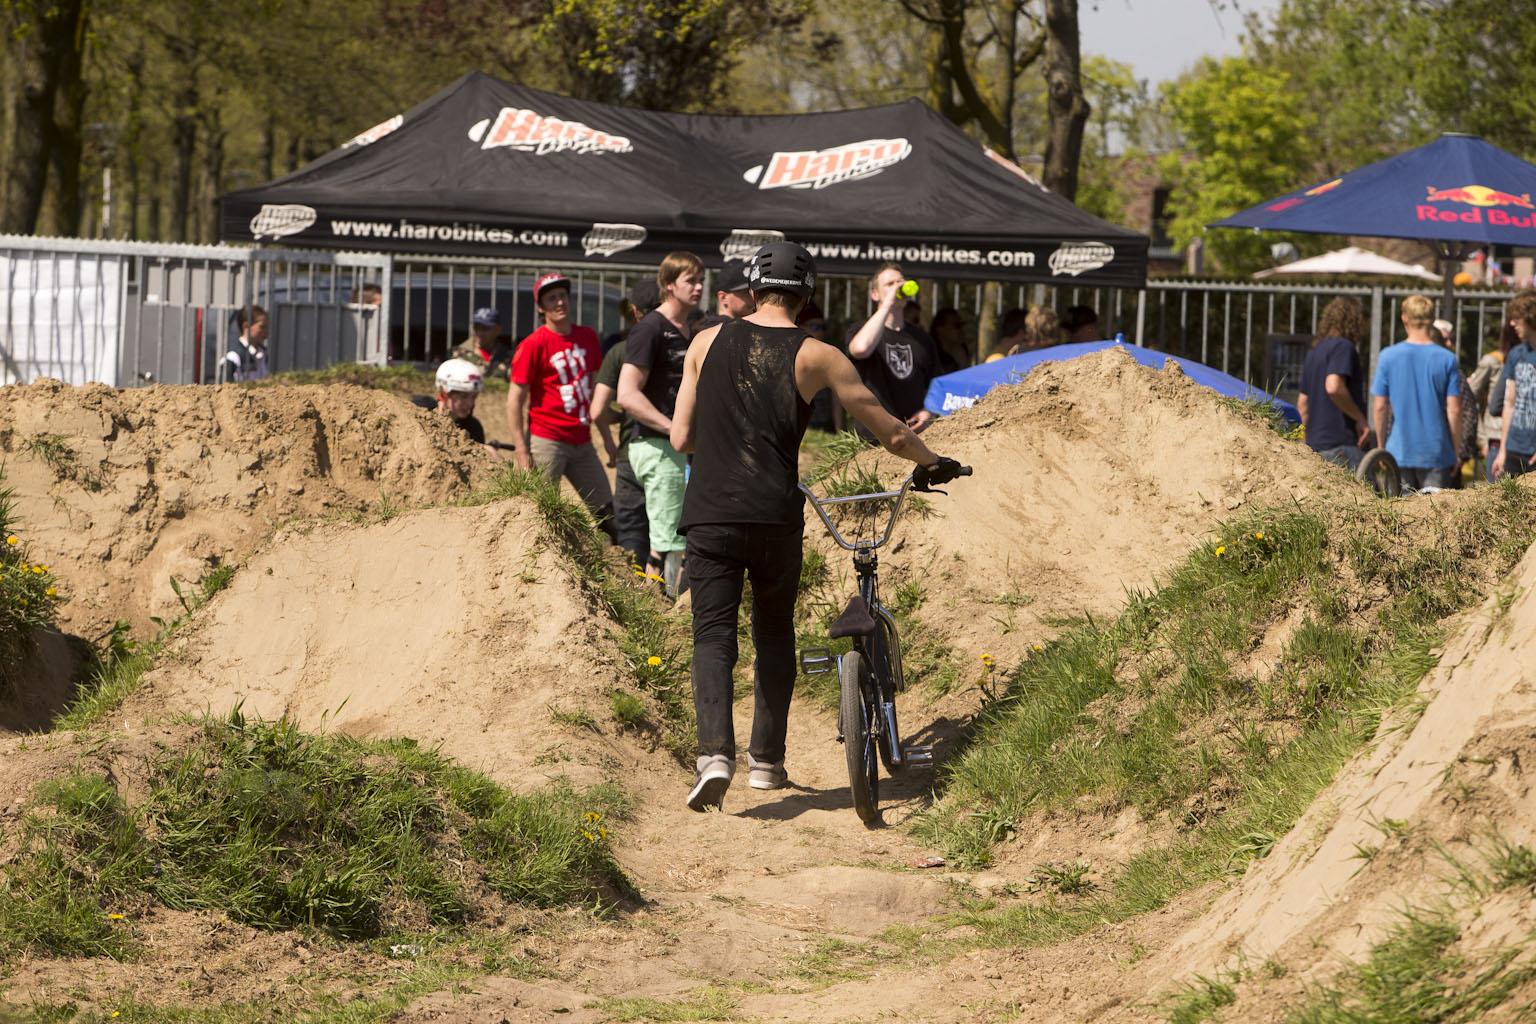 Daniel Wedemeijer vor der Chillout Zone - Dutch Open Helmtrails